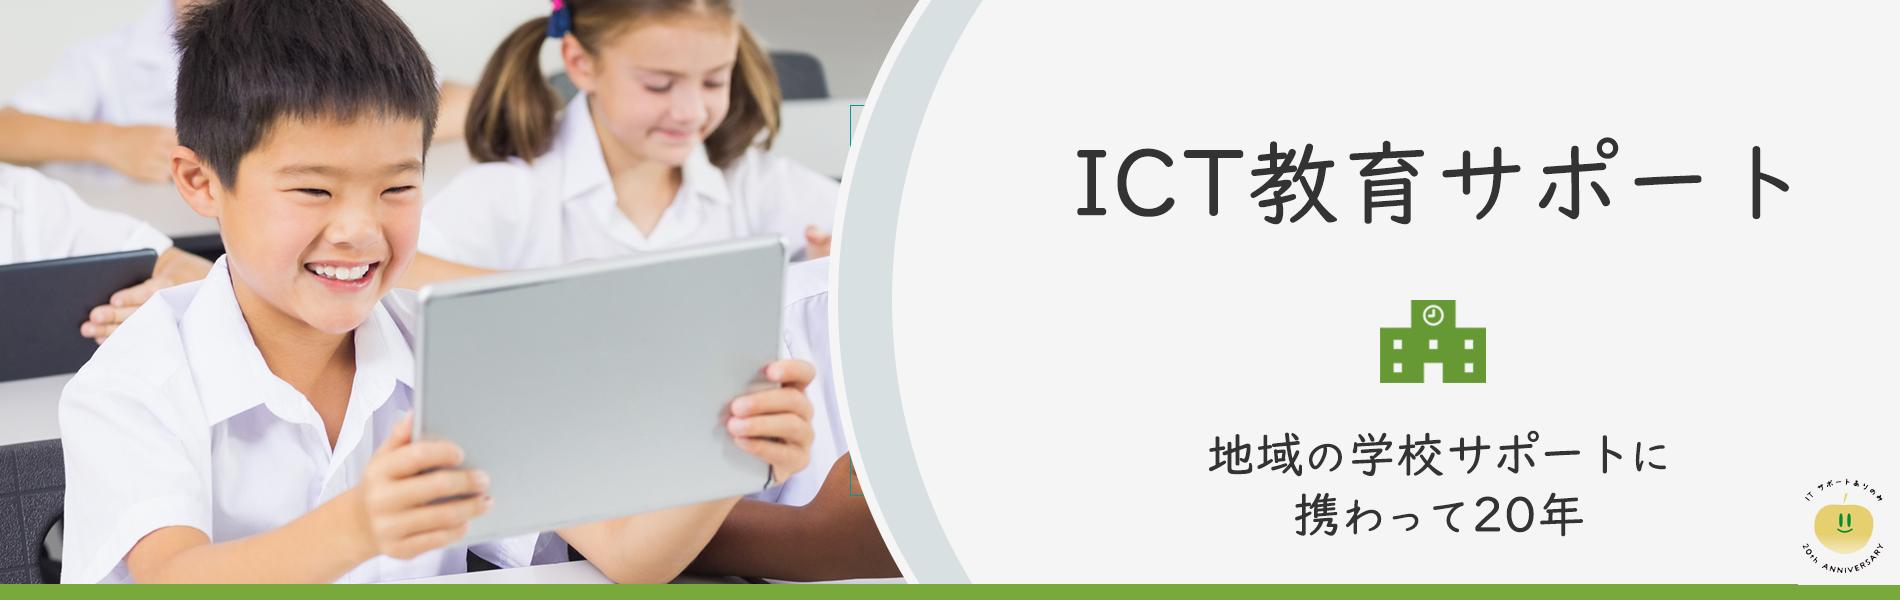 ITサポートありのみ ICT教育サポート